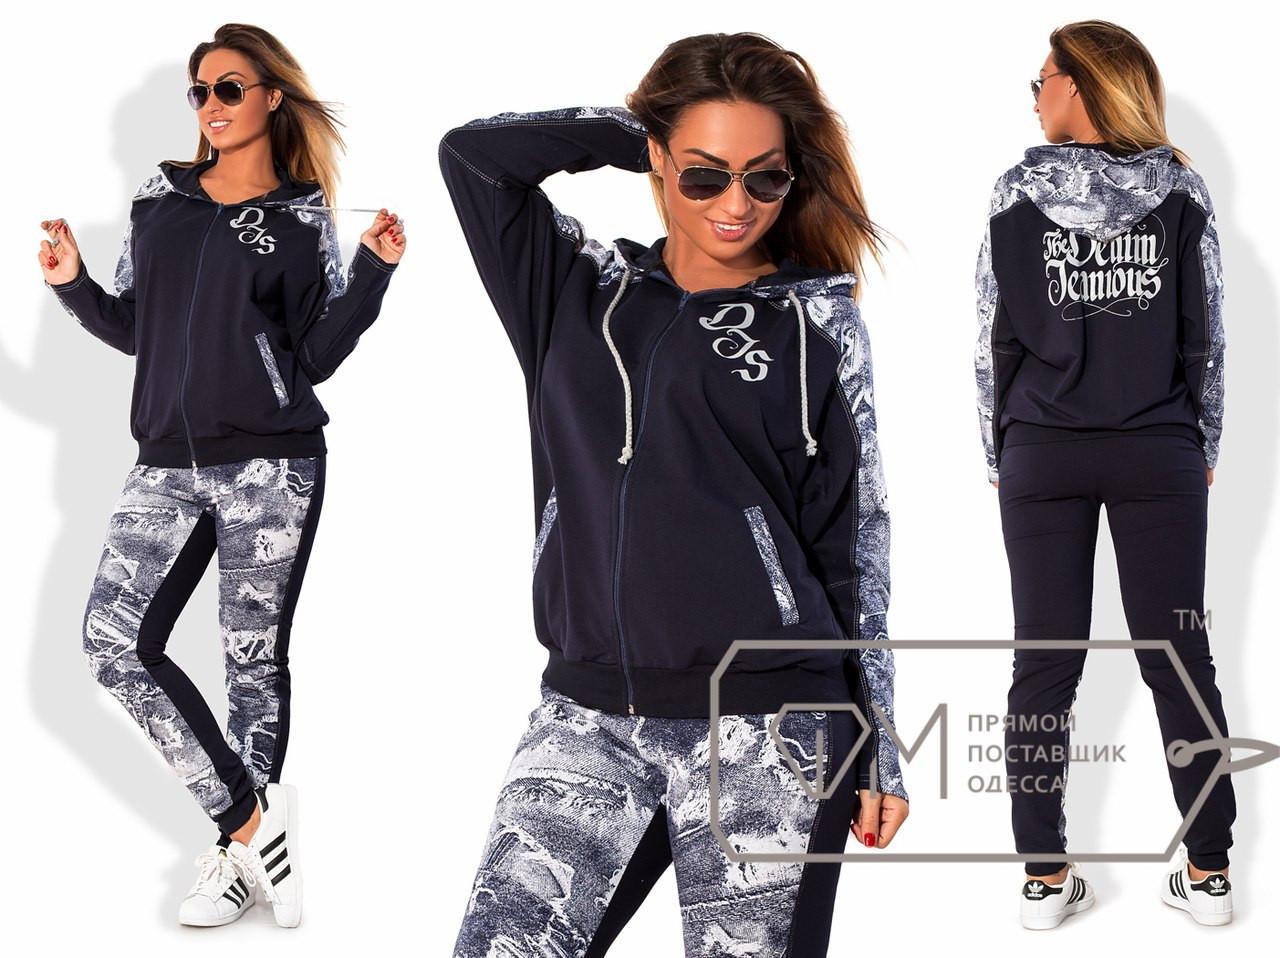 Женский спортивный костюм в батальных размерах o-15blr756